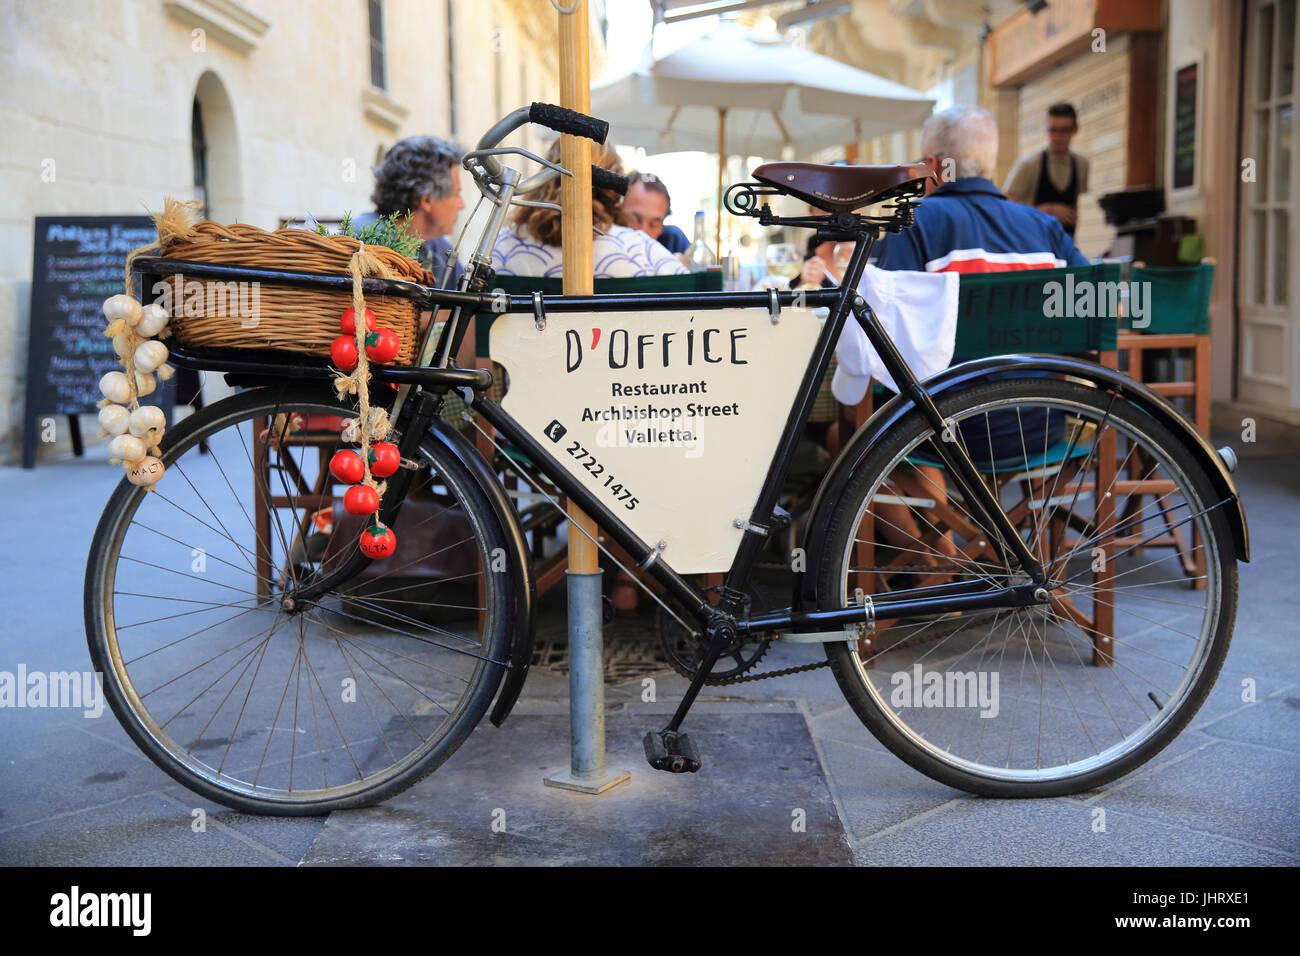 Trendy D'Office restaurant on Archbishop Street in Valletta, capital of Malta - Stock Image